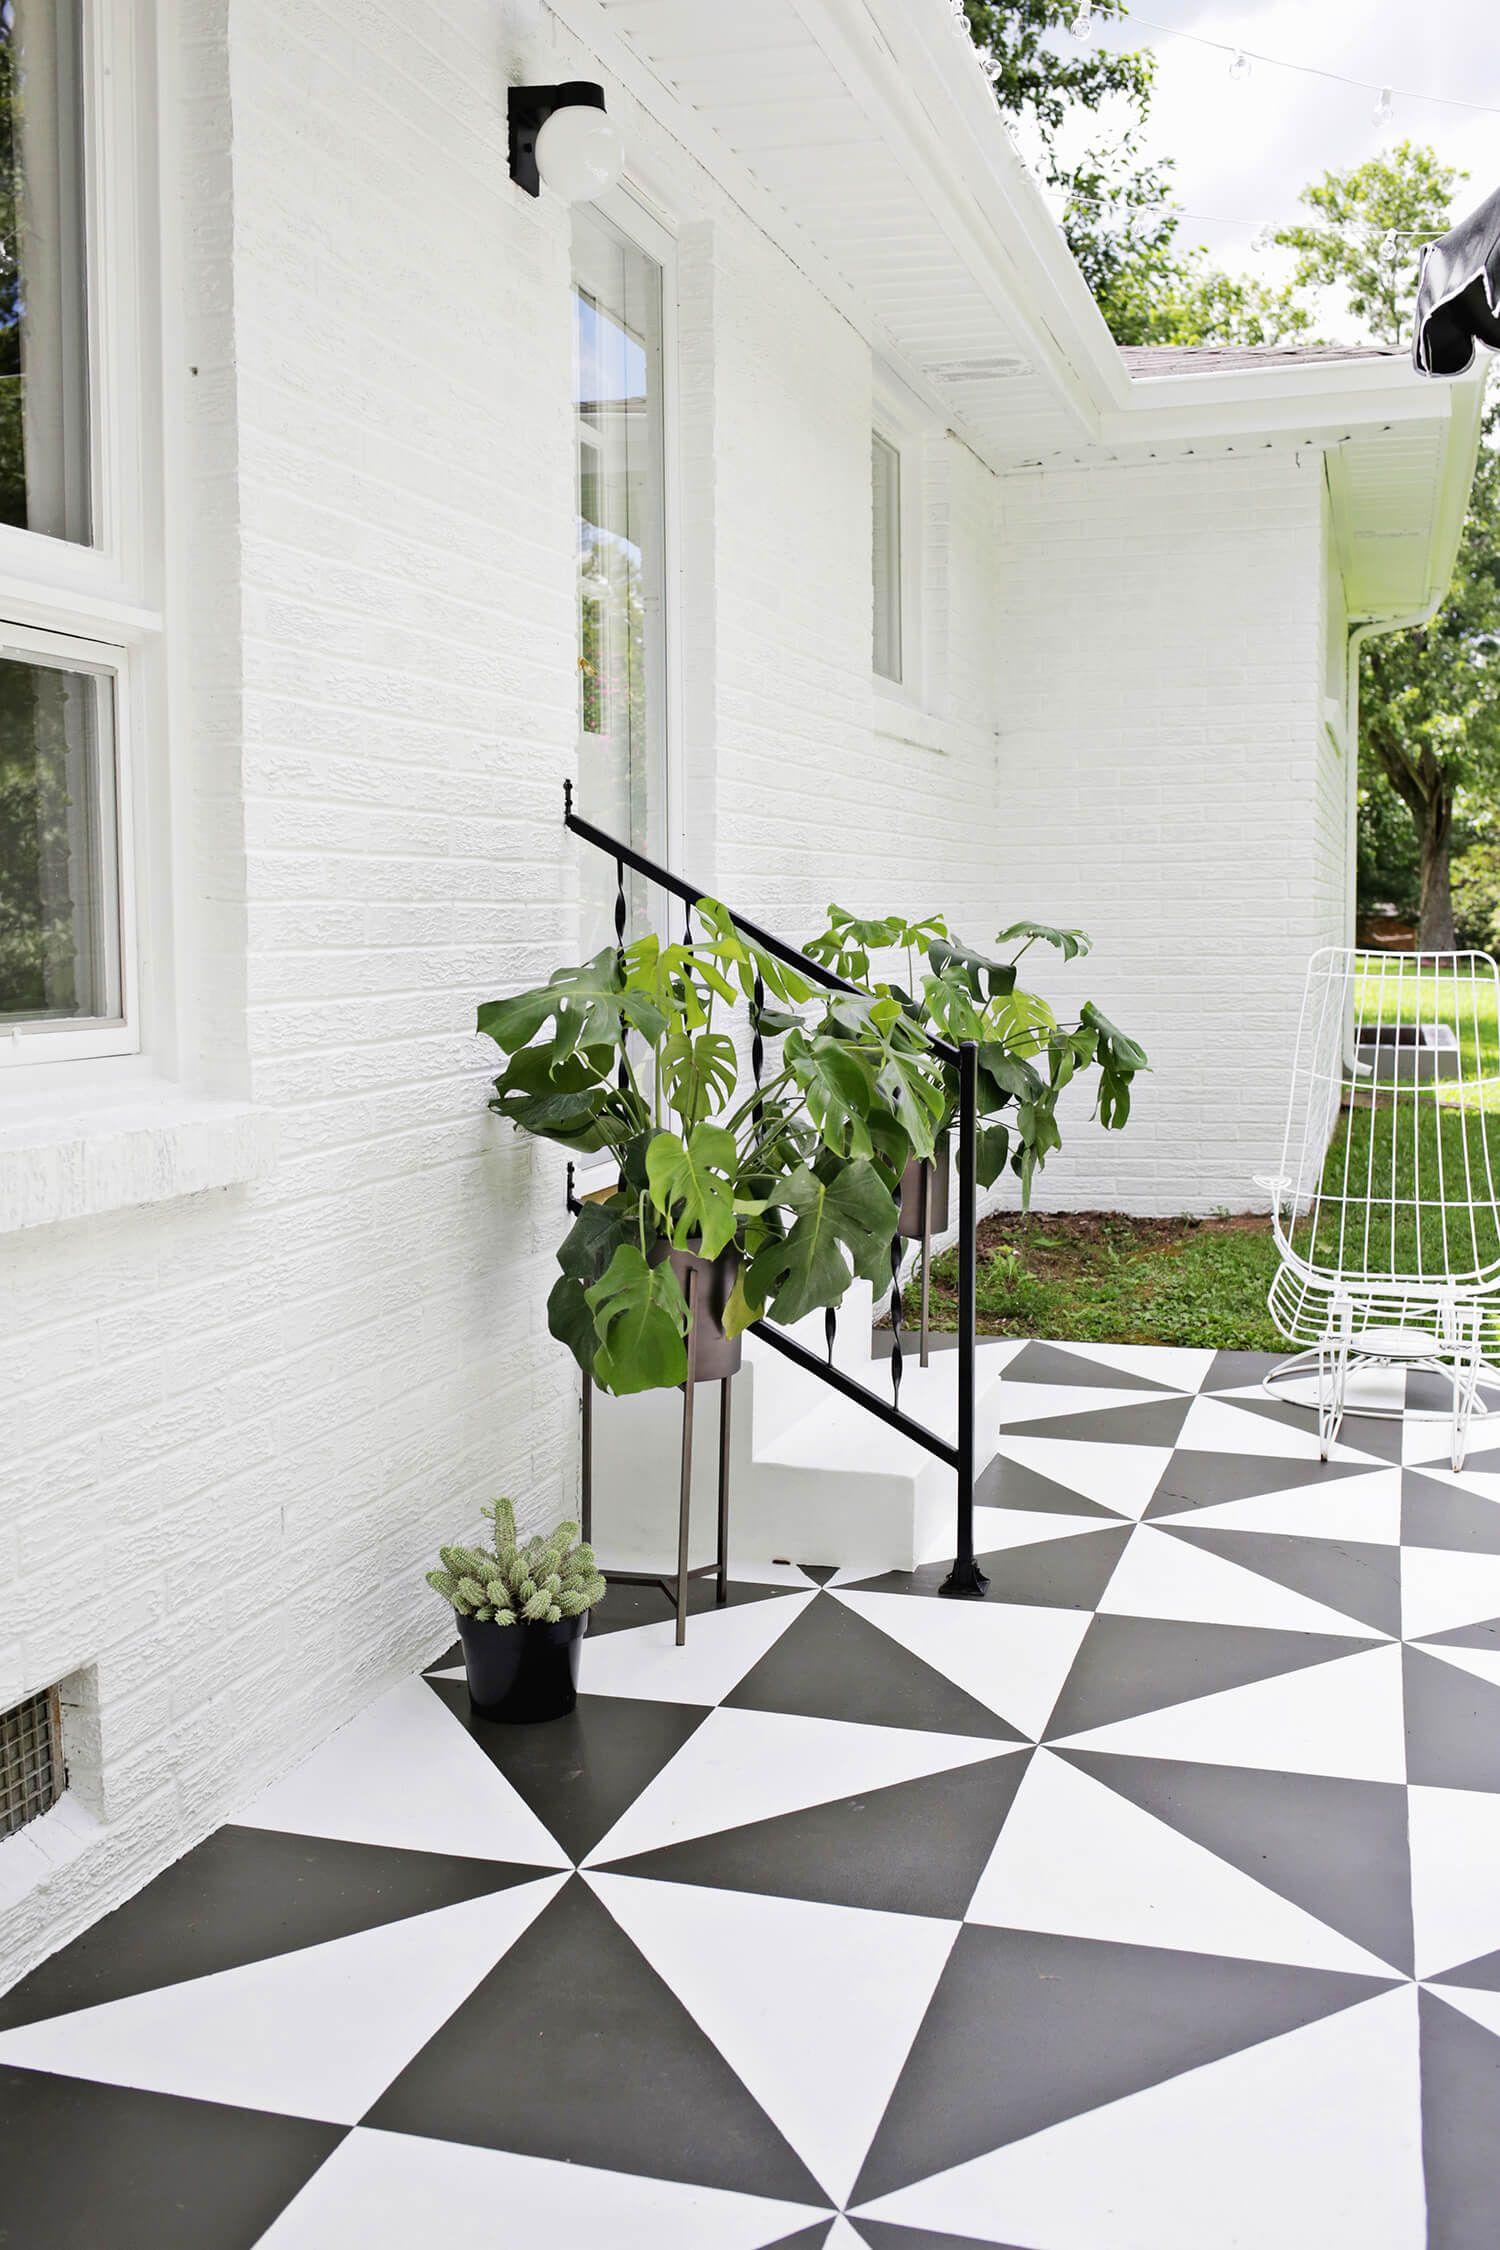 Diy pinta el suelo de tu terraza patio tiles patios for Decoracion patios exteriores